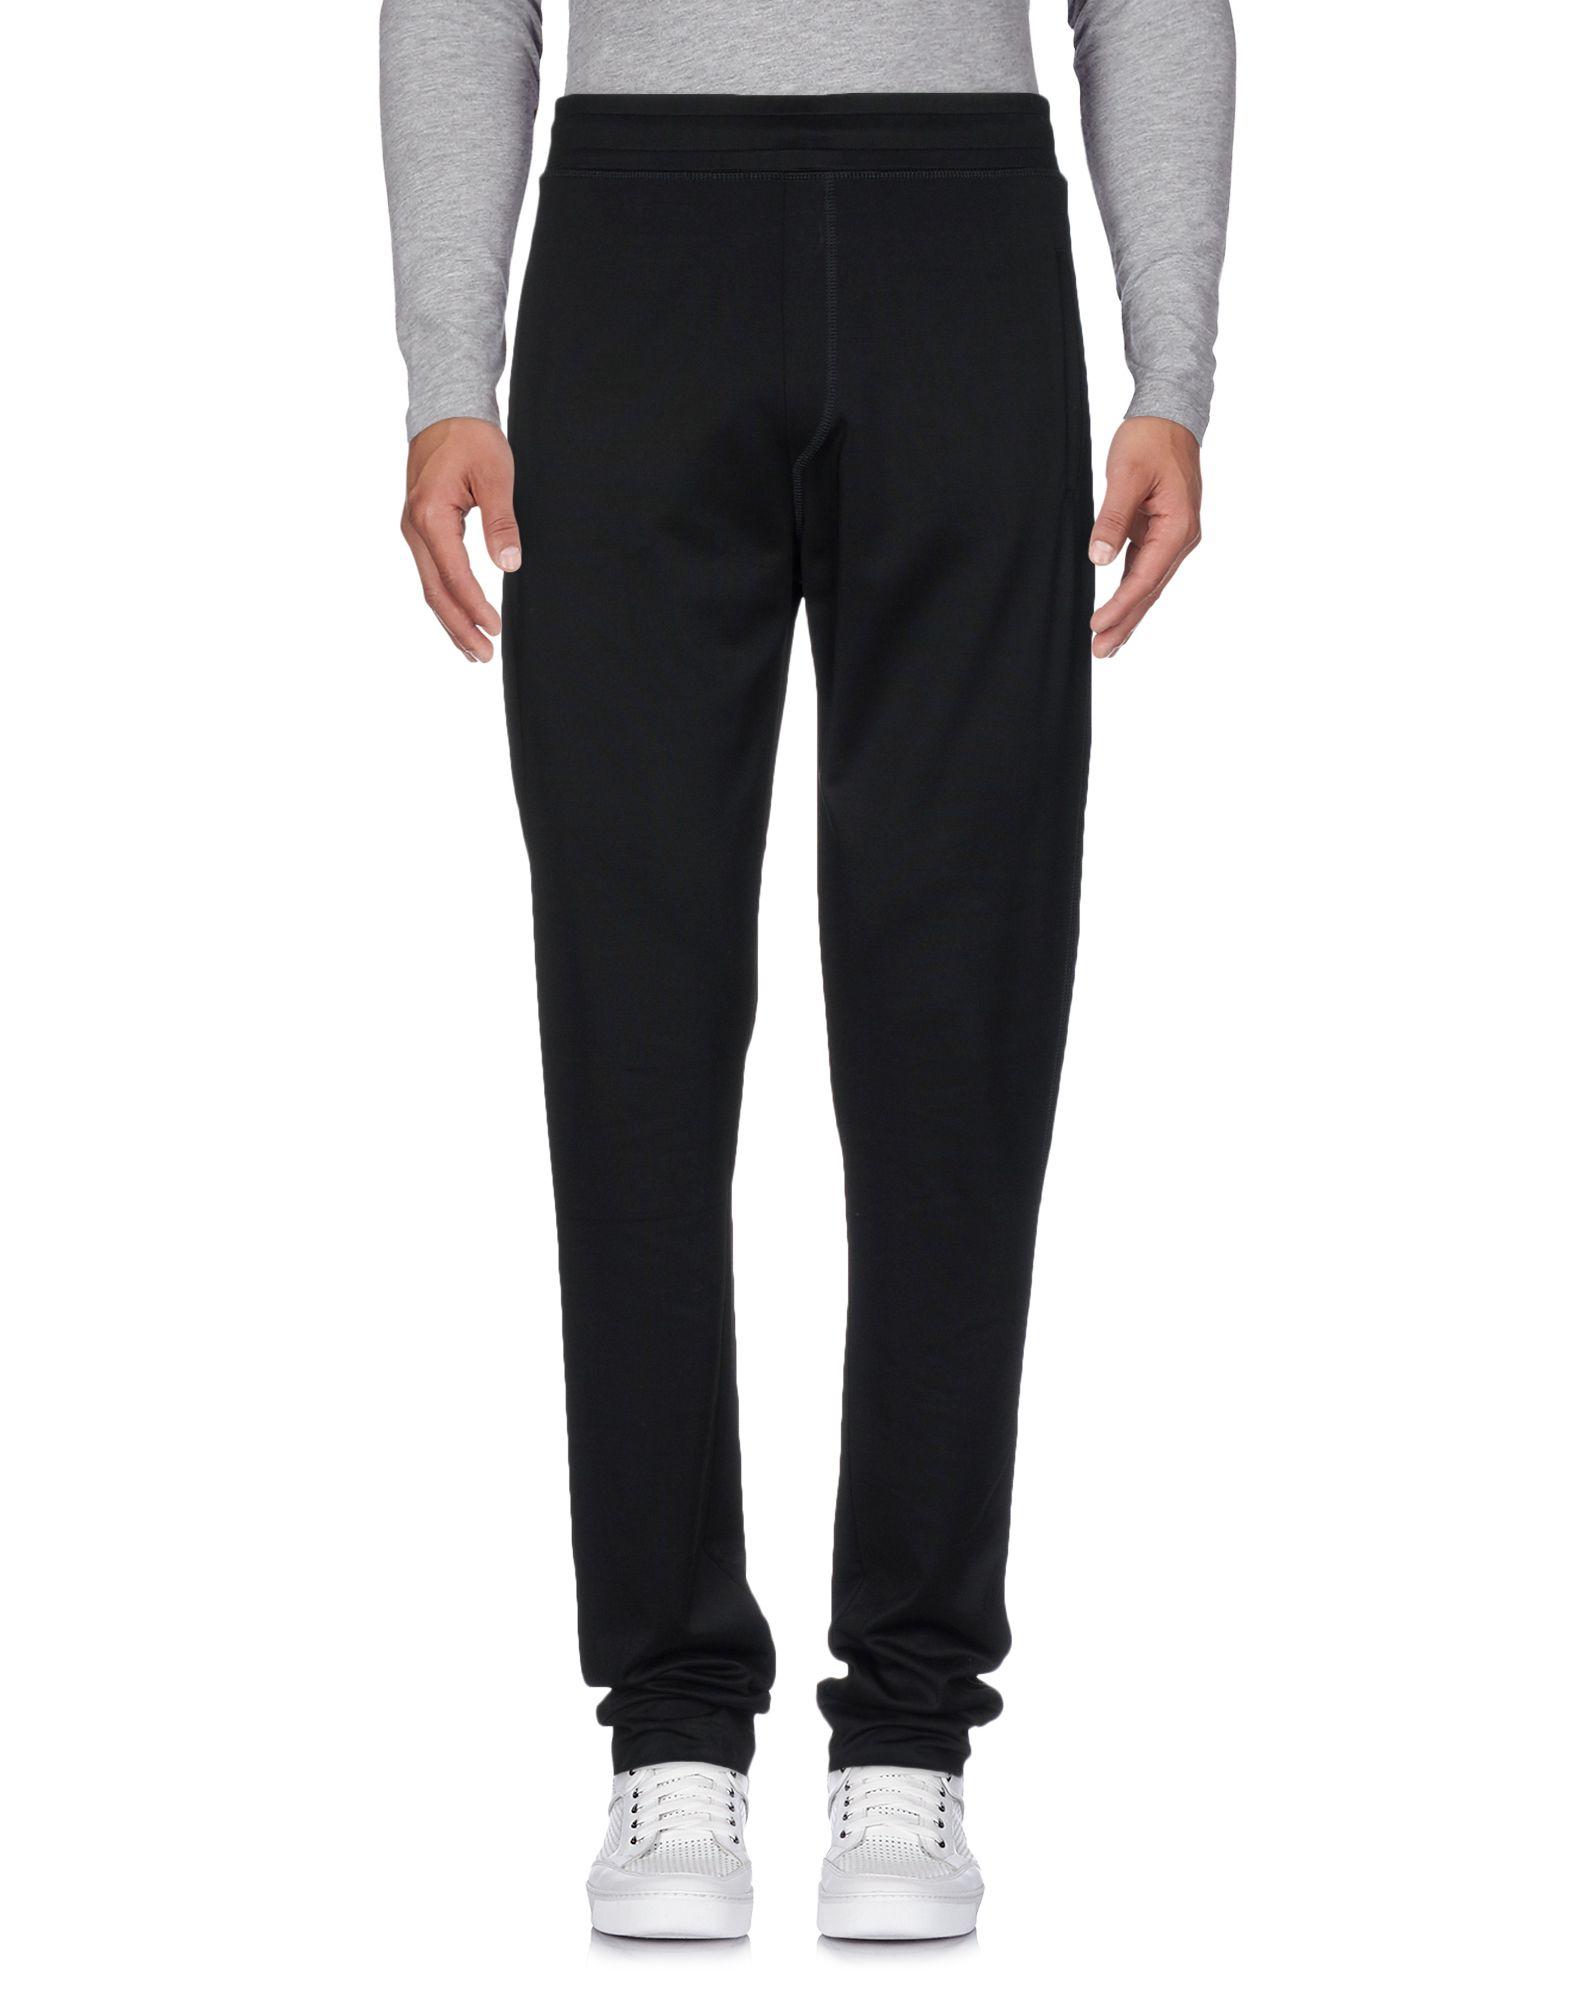 Pantalone Lanvin Uomo - Acquista online su